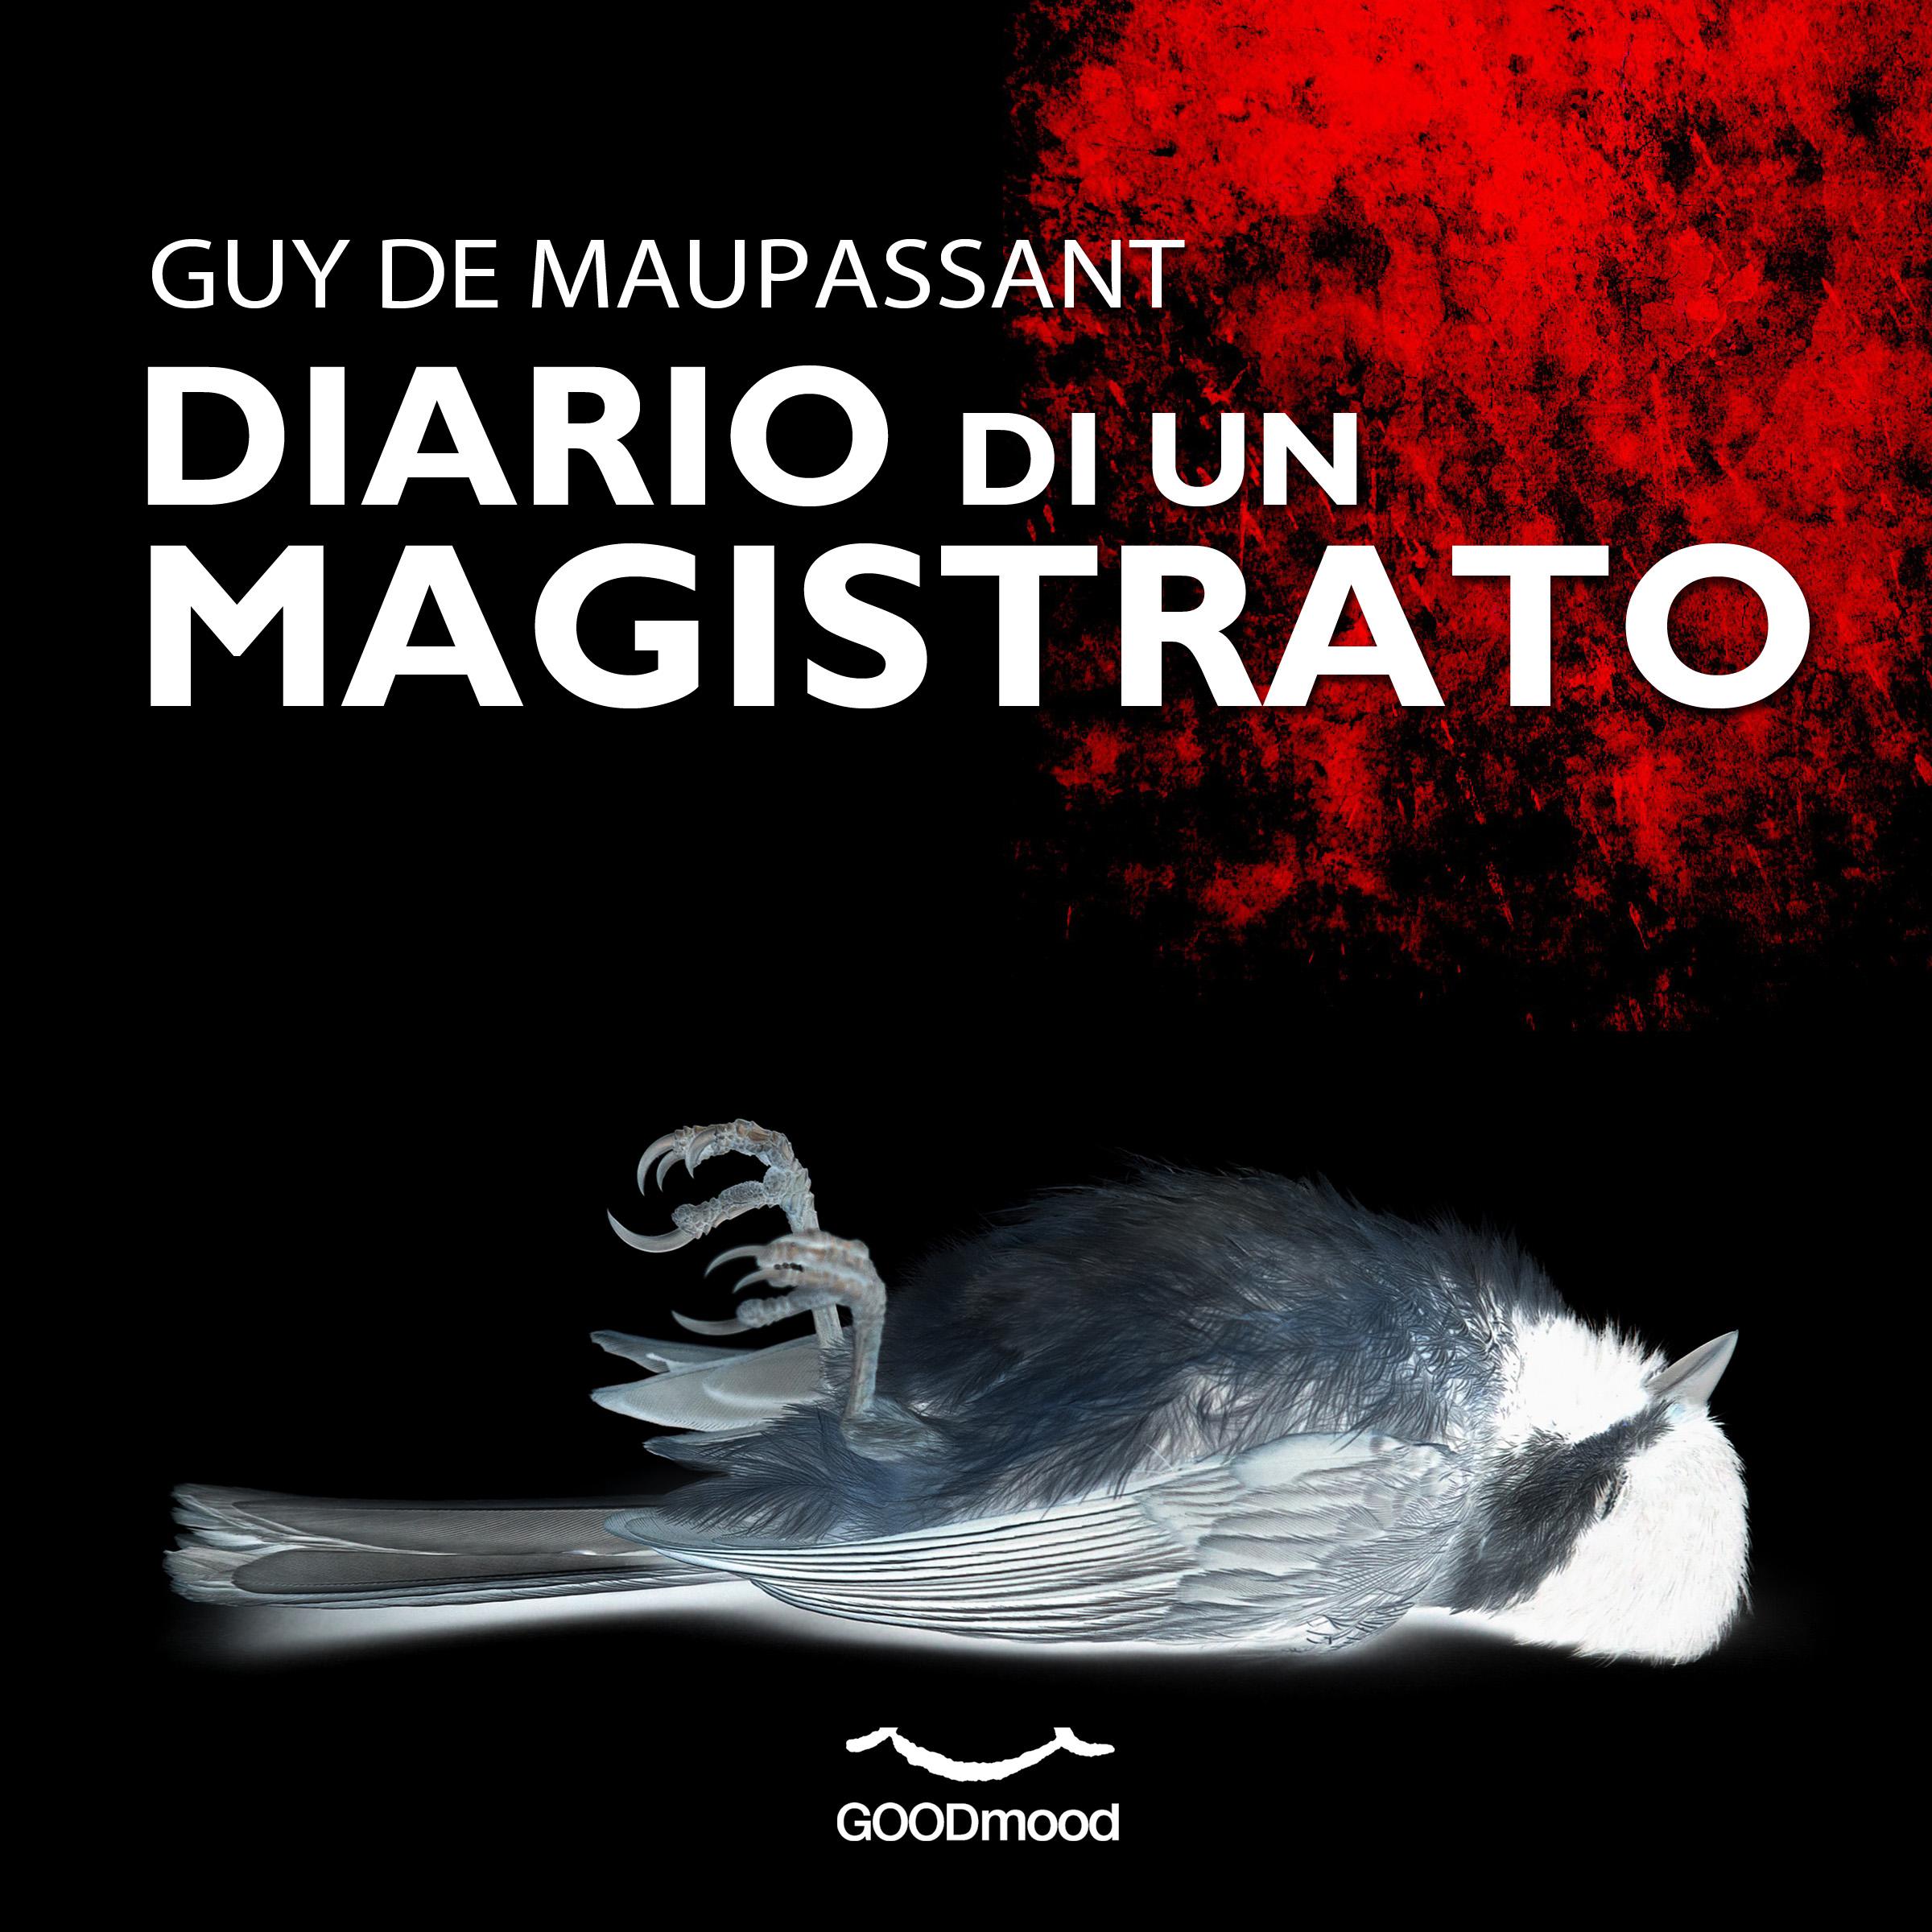 Diario di un magistrato-0